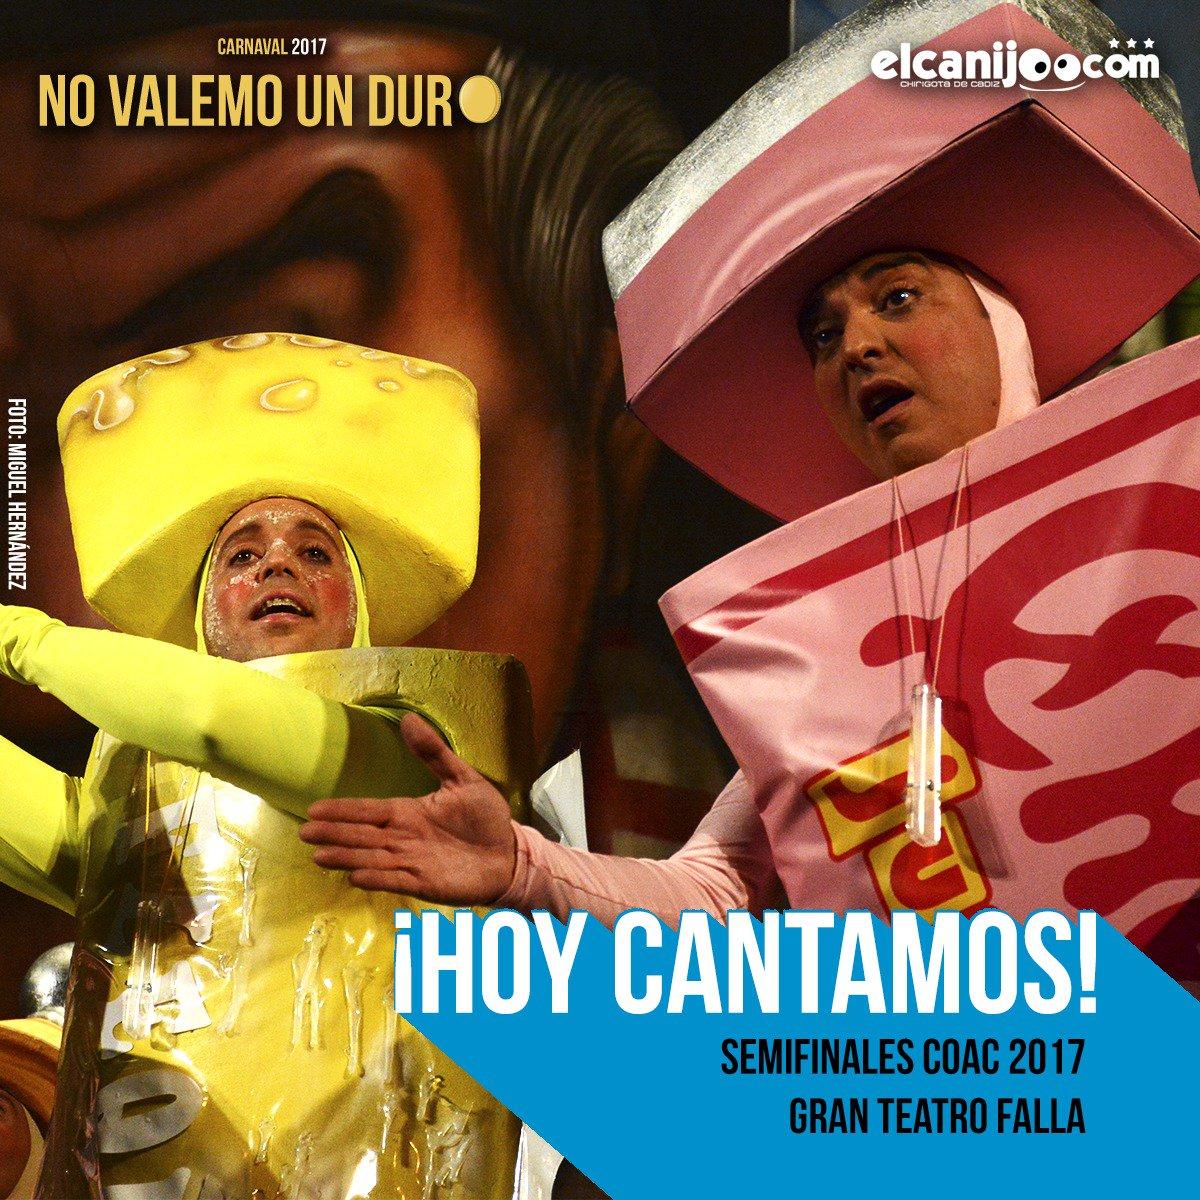 ¡HOY CANTAMOS! Semifinal #COAC2017S1 en el Gran Teatro Falla. #NoValem...